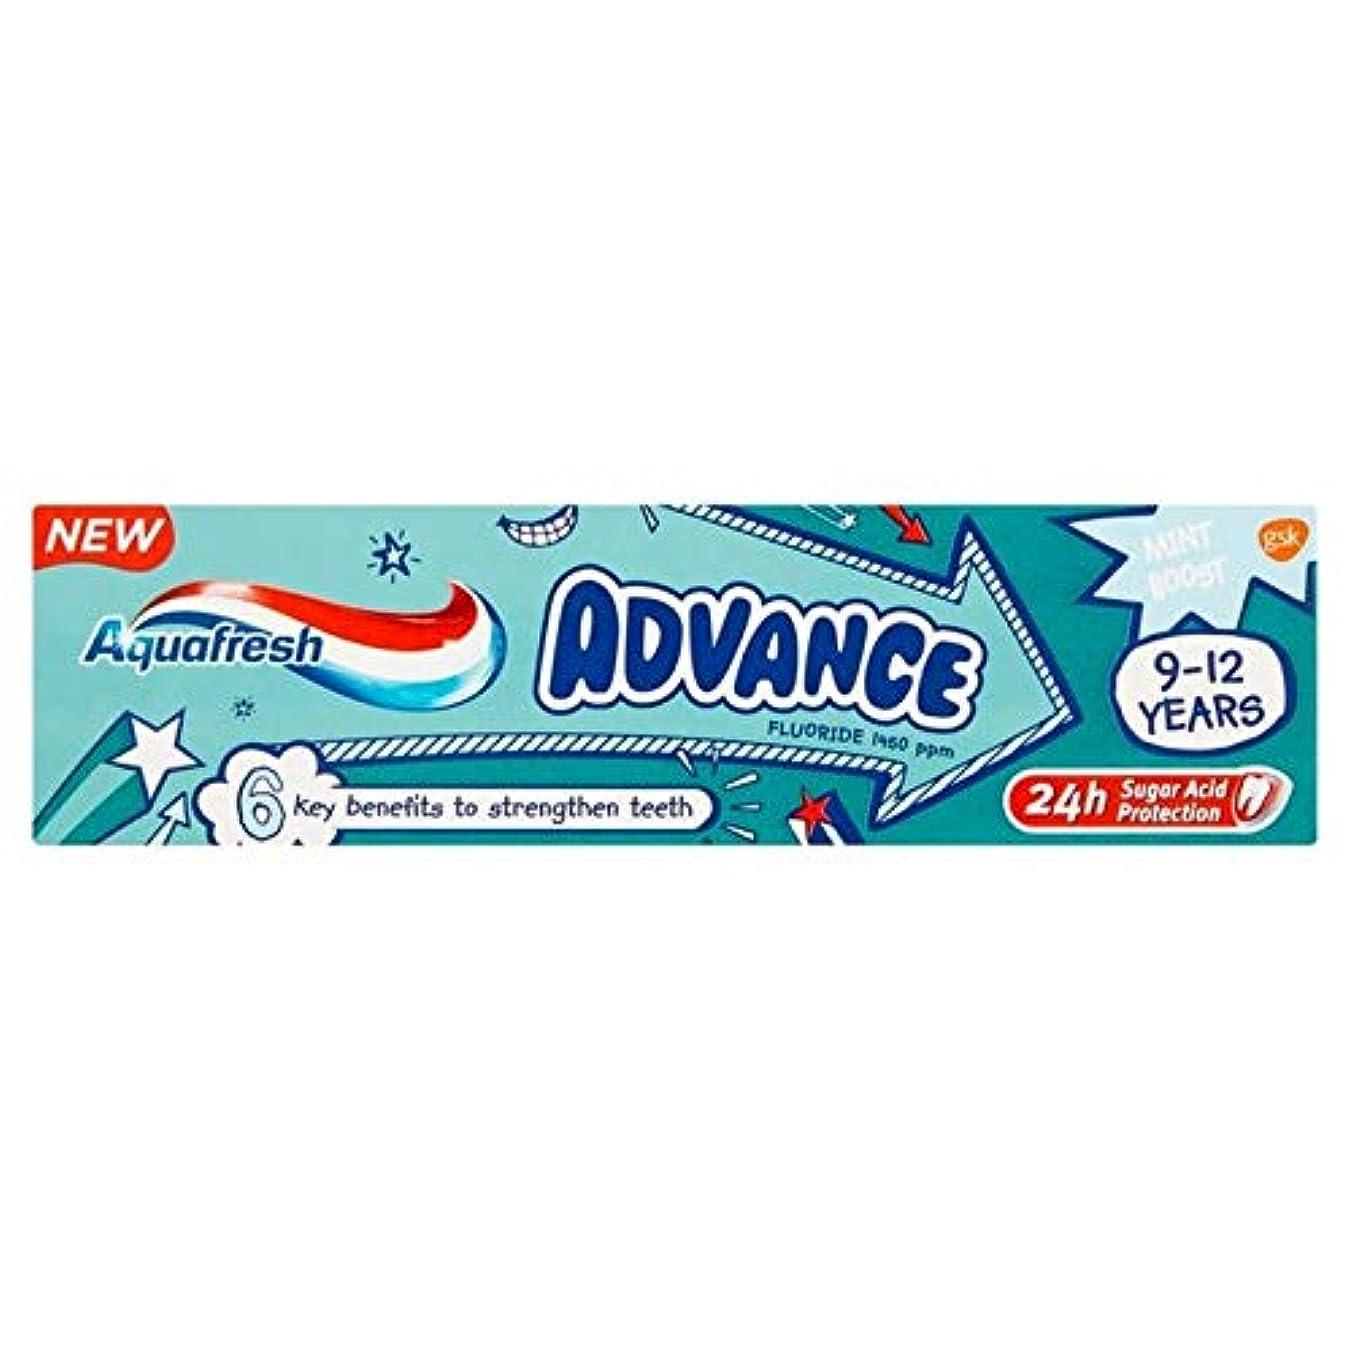 リフト読みやすい埋め込む[Aquafresh ] アクアフレッシュの事前9-12年間の子供の歯磨き粉75ミリリットル - Aquafresh Advance 9-12 Years Kids Toothpaste 75ml [並行輸入品]